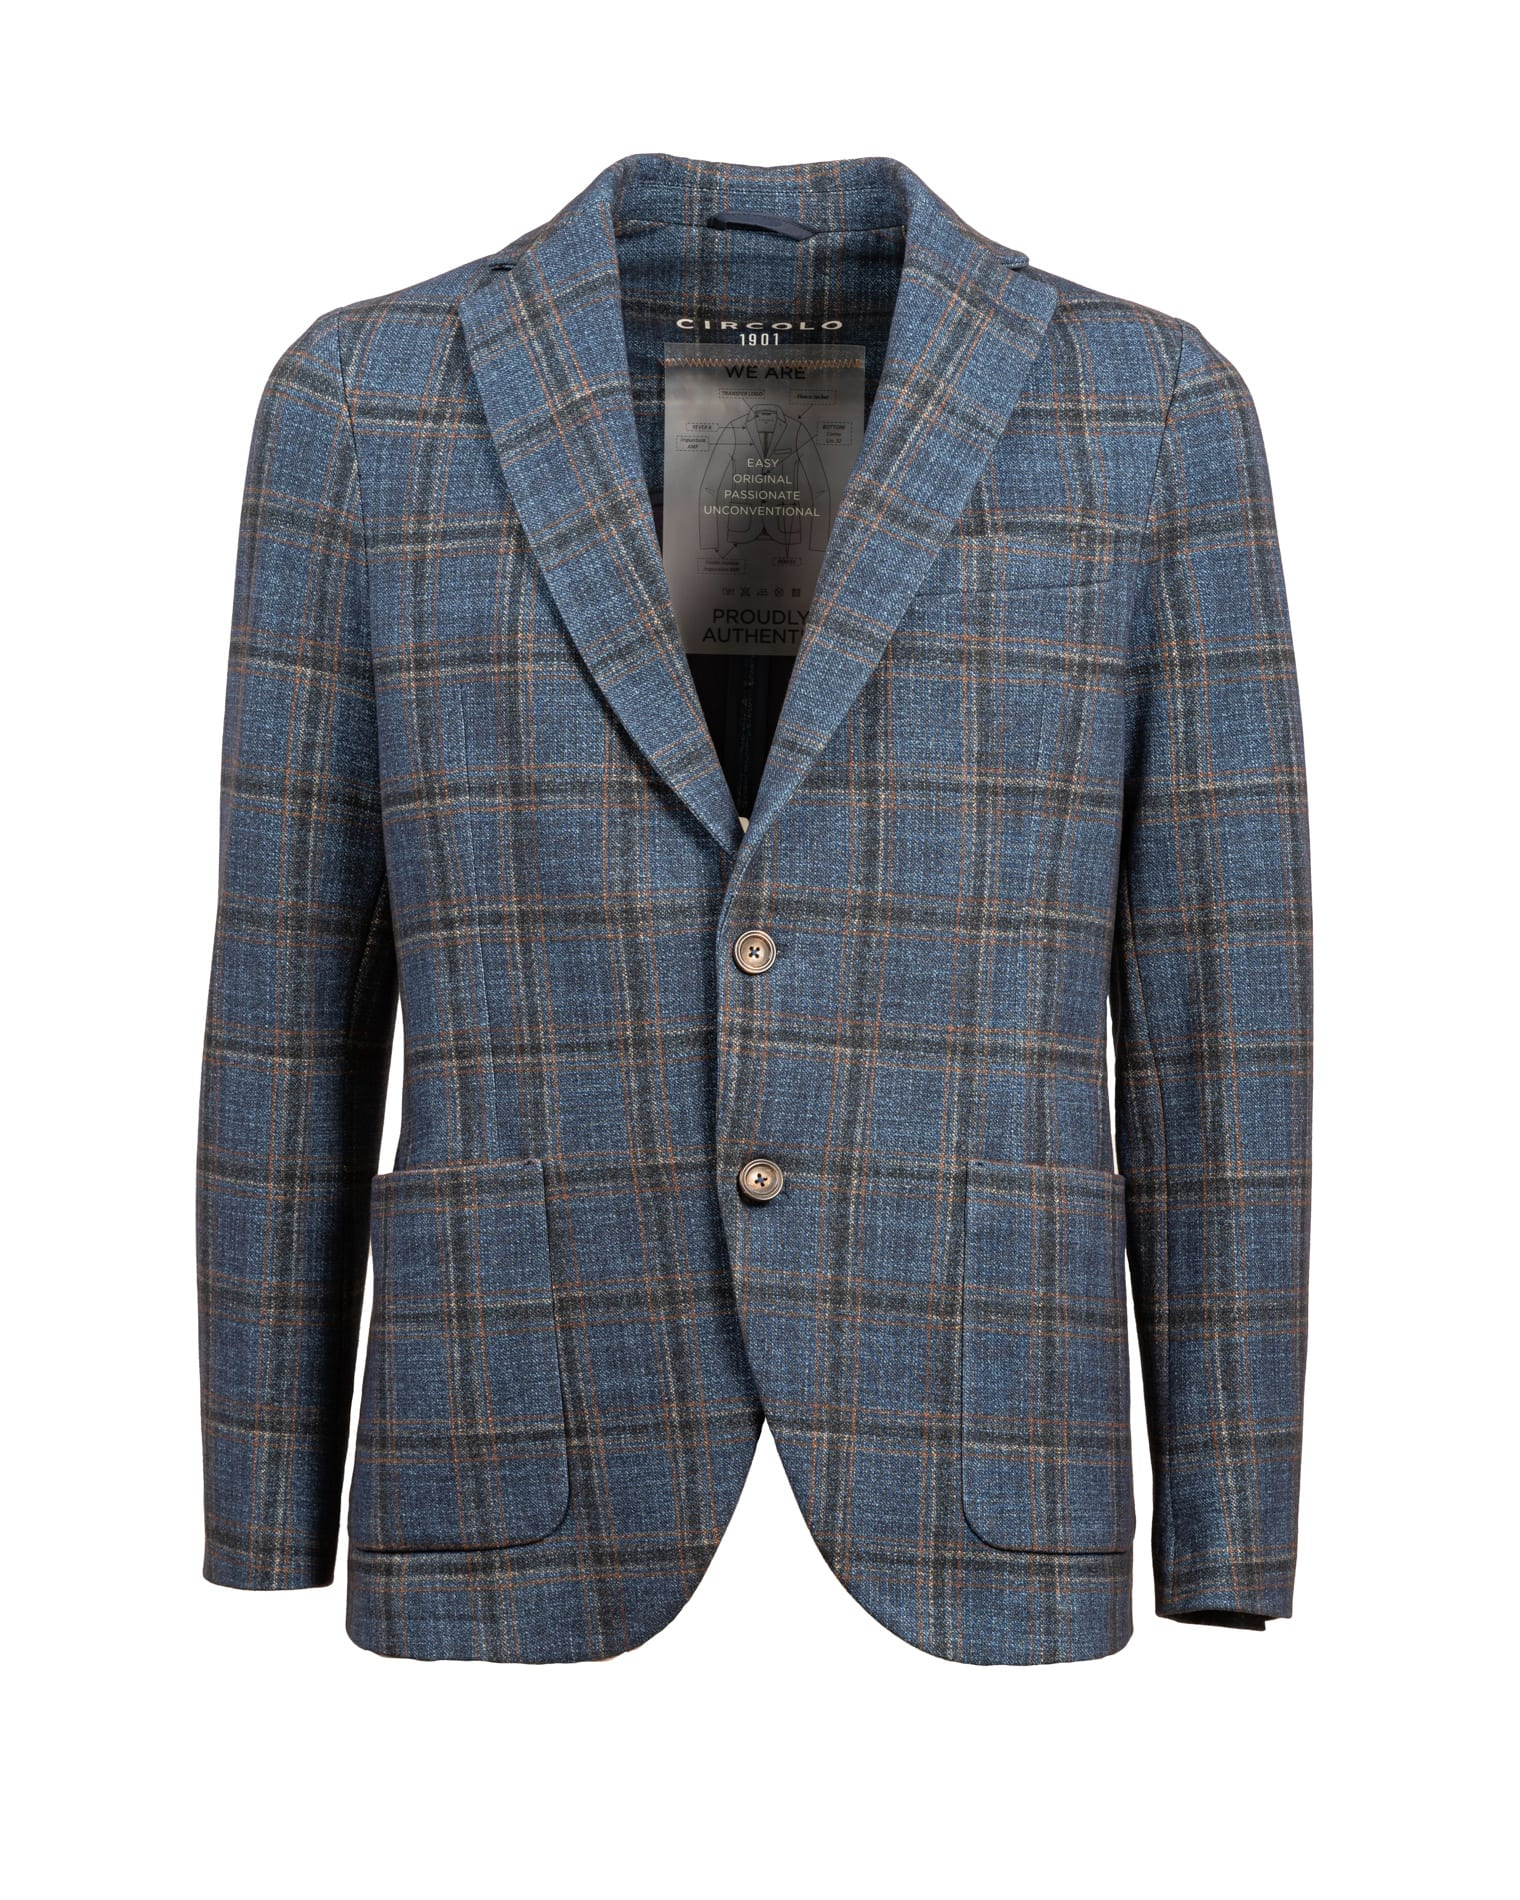 1901 Circle checked jacket